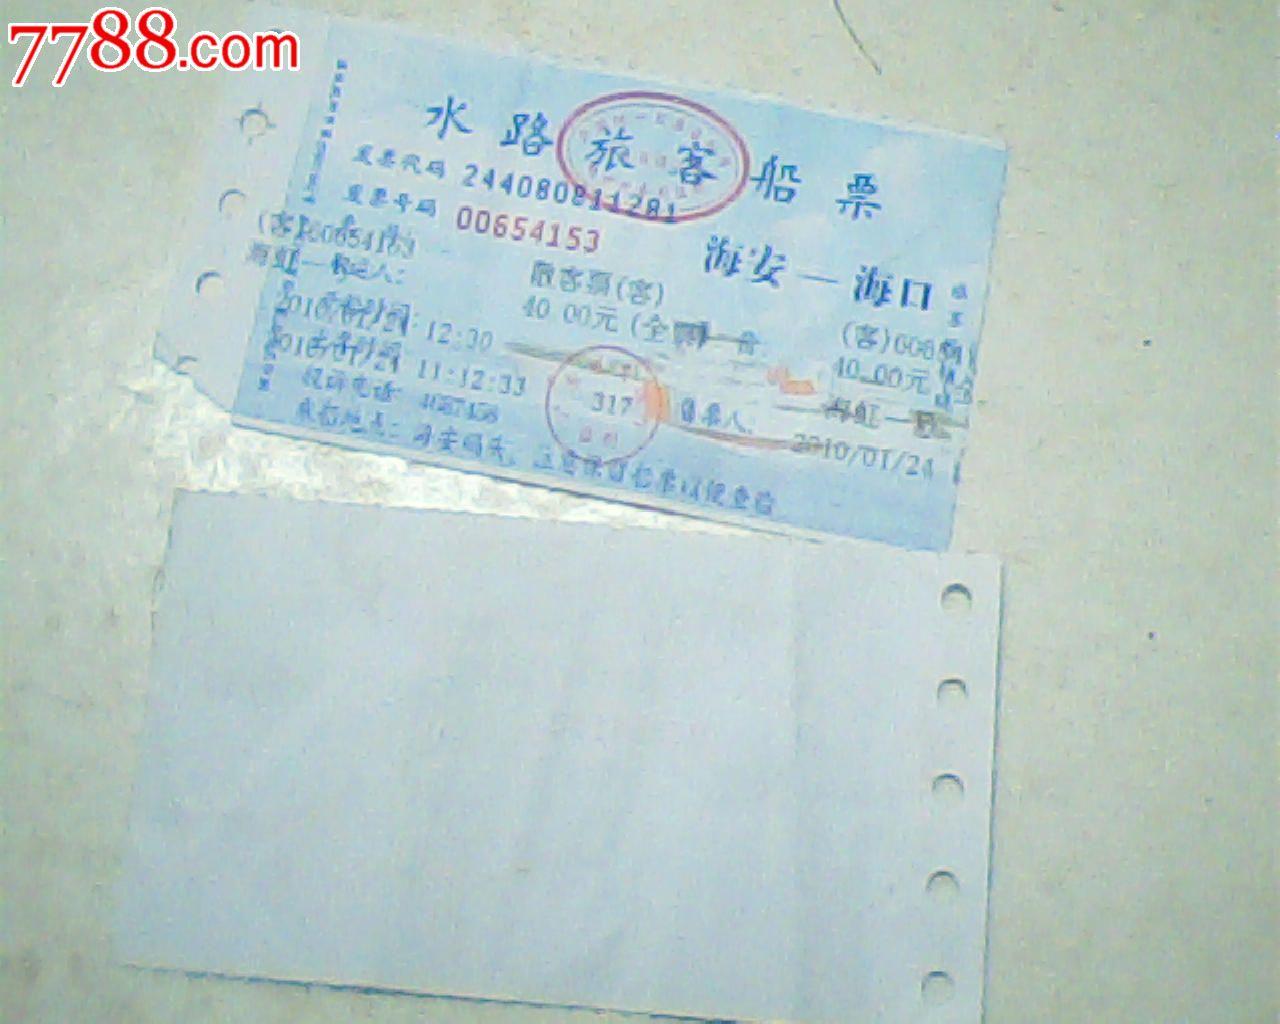 2010年水路船票,海安--海口,40元版